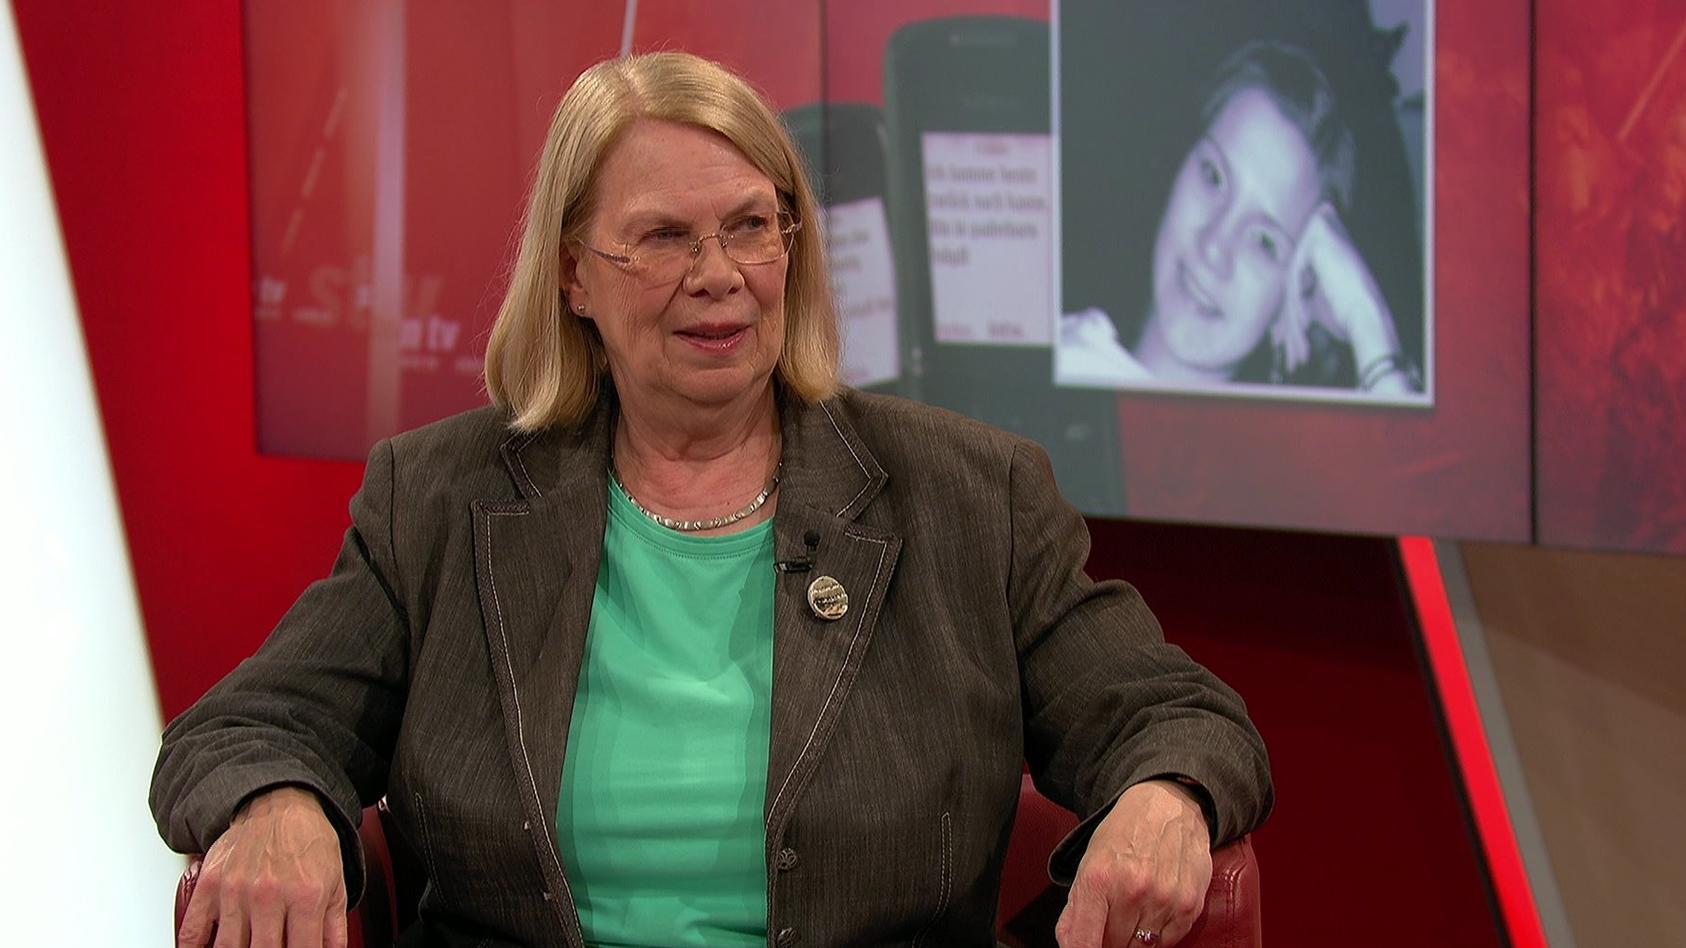 Ingrid Liebs zu Gast bei stern TV: Seit 15 Jahren sucht sie nach dem Mörder ihrer Tochter Frauke